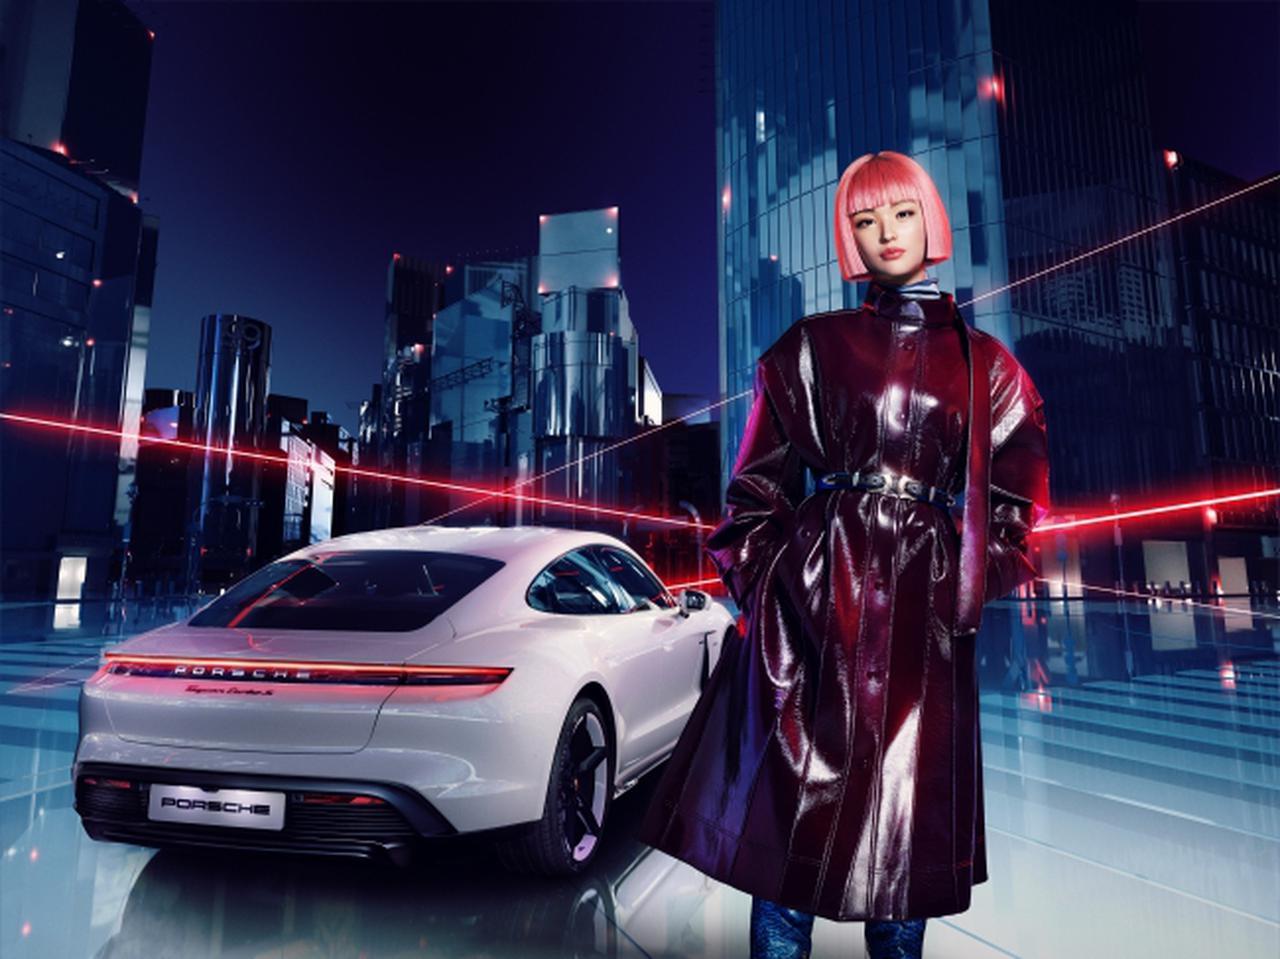 画像2: 謎の美女現る ポルシェジャパンがタイカンのプロモーションにバーチャルモデルを起用